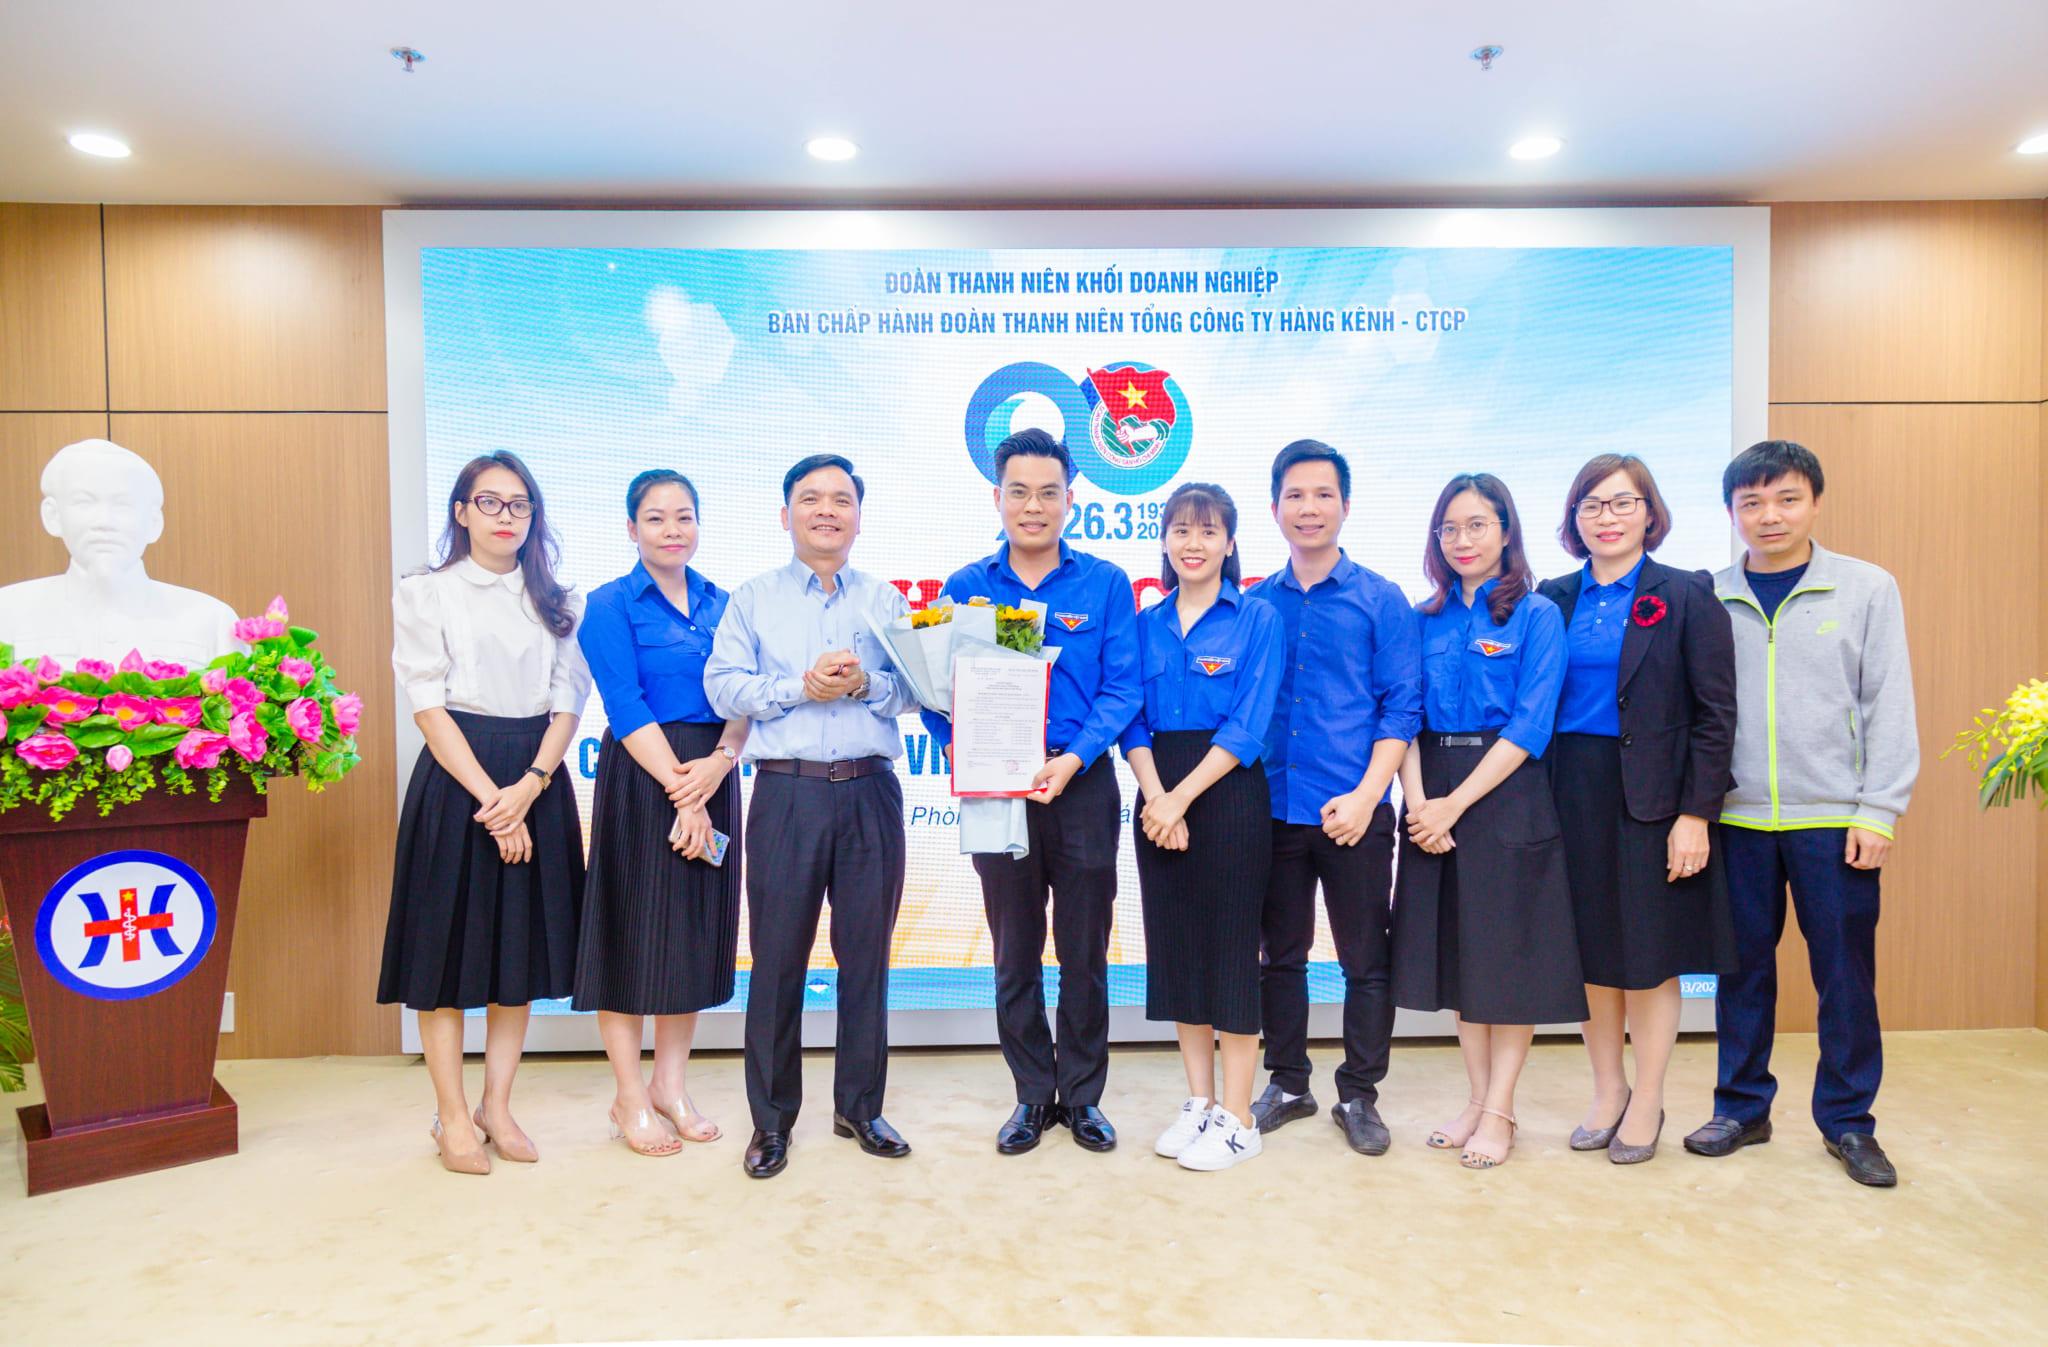 Hội nghị Kỷ niệm 90 năm Ngày thành lập Đoàn Thanh niên Cộng sản Hồ Chí Minh (26/3/1931-26/3/2021)